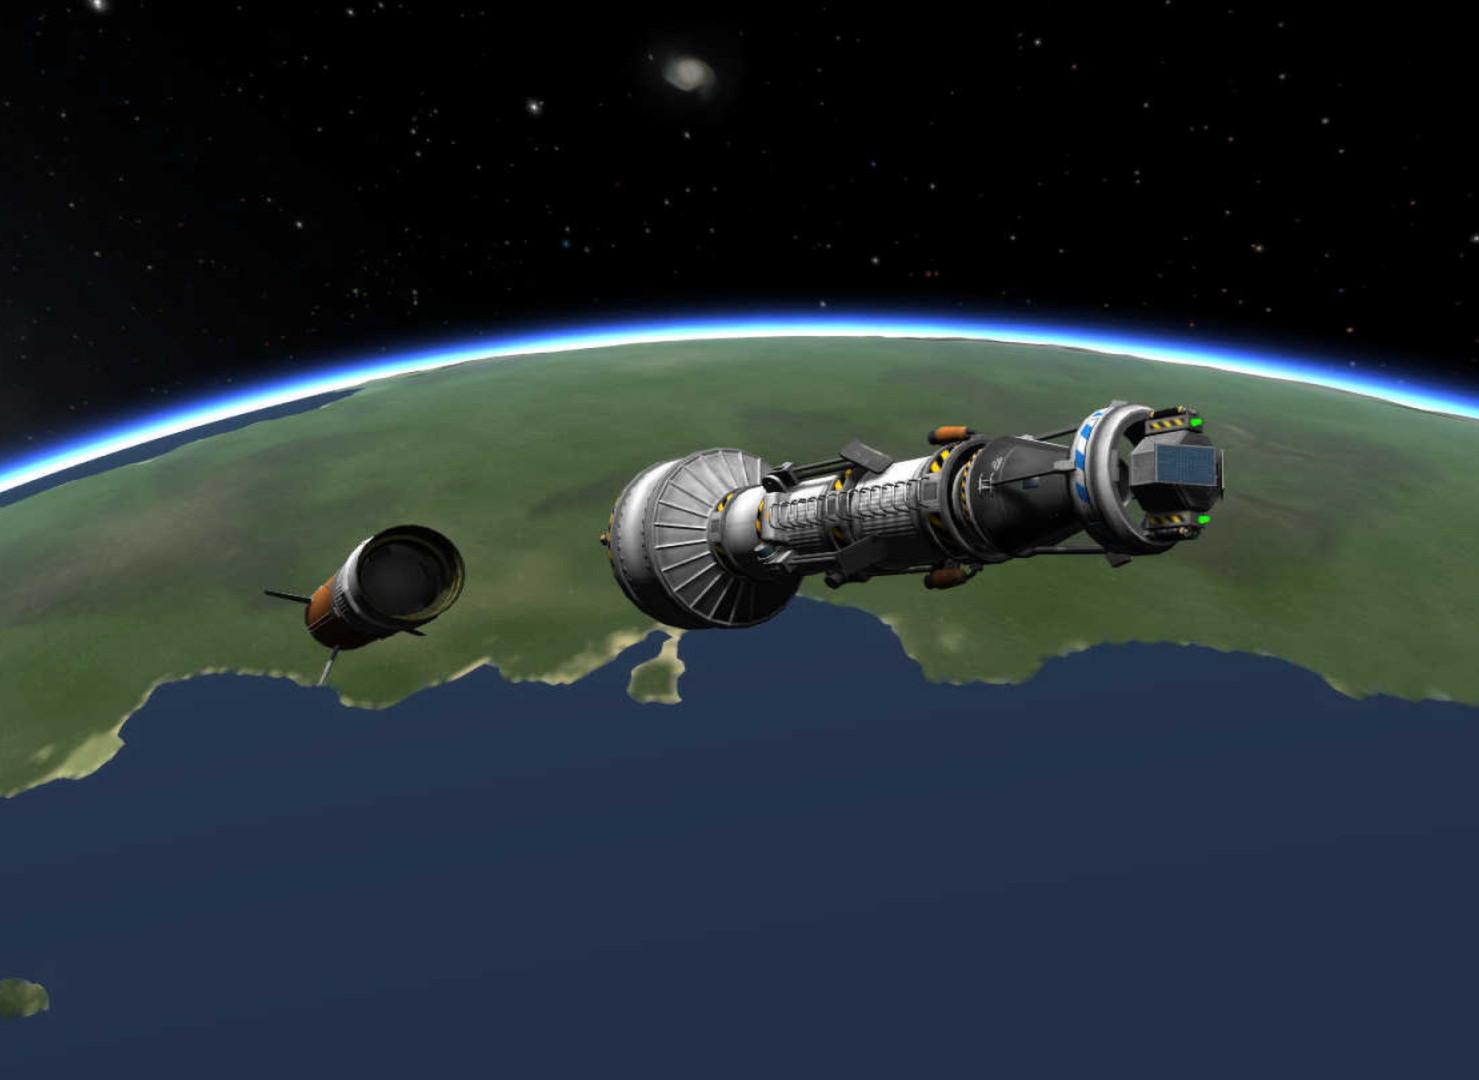 kerbal space program download mac full